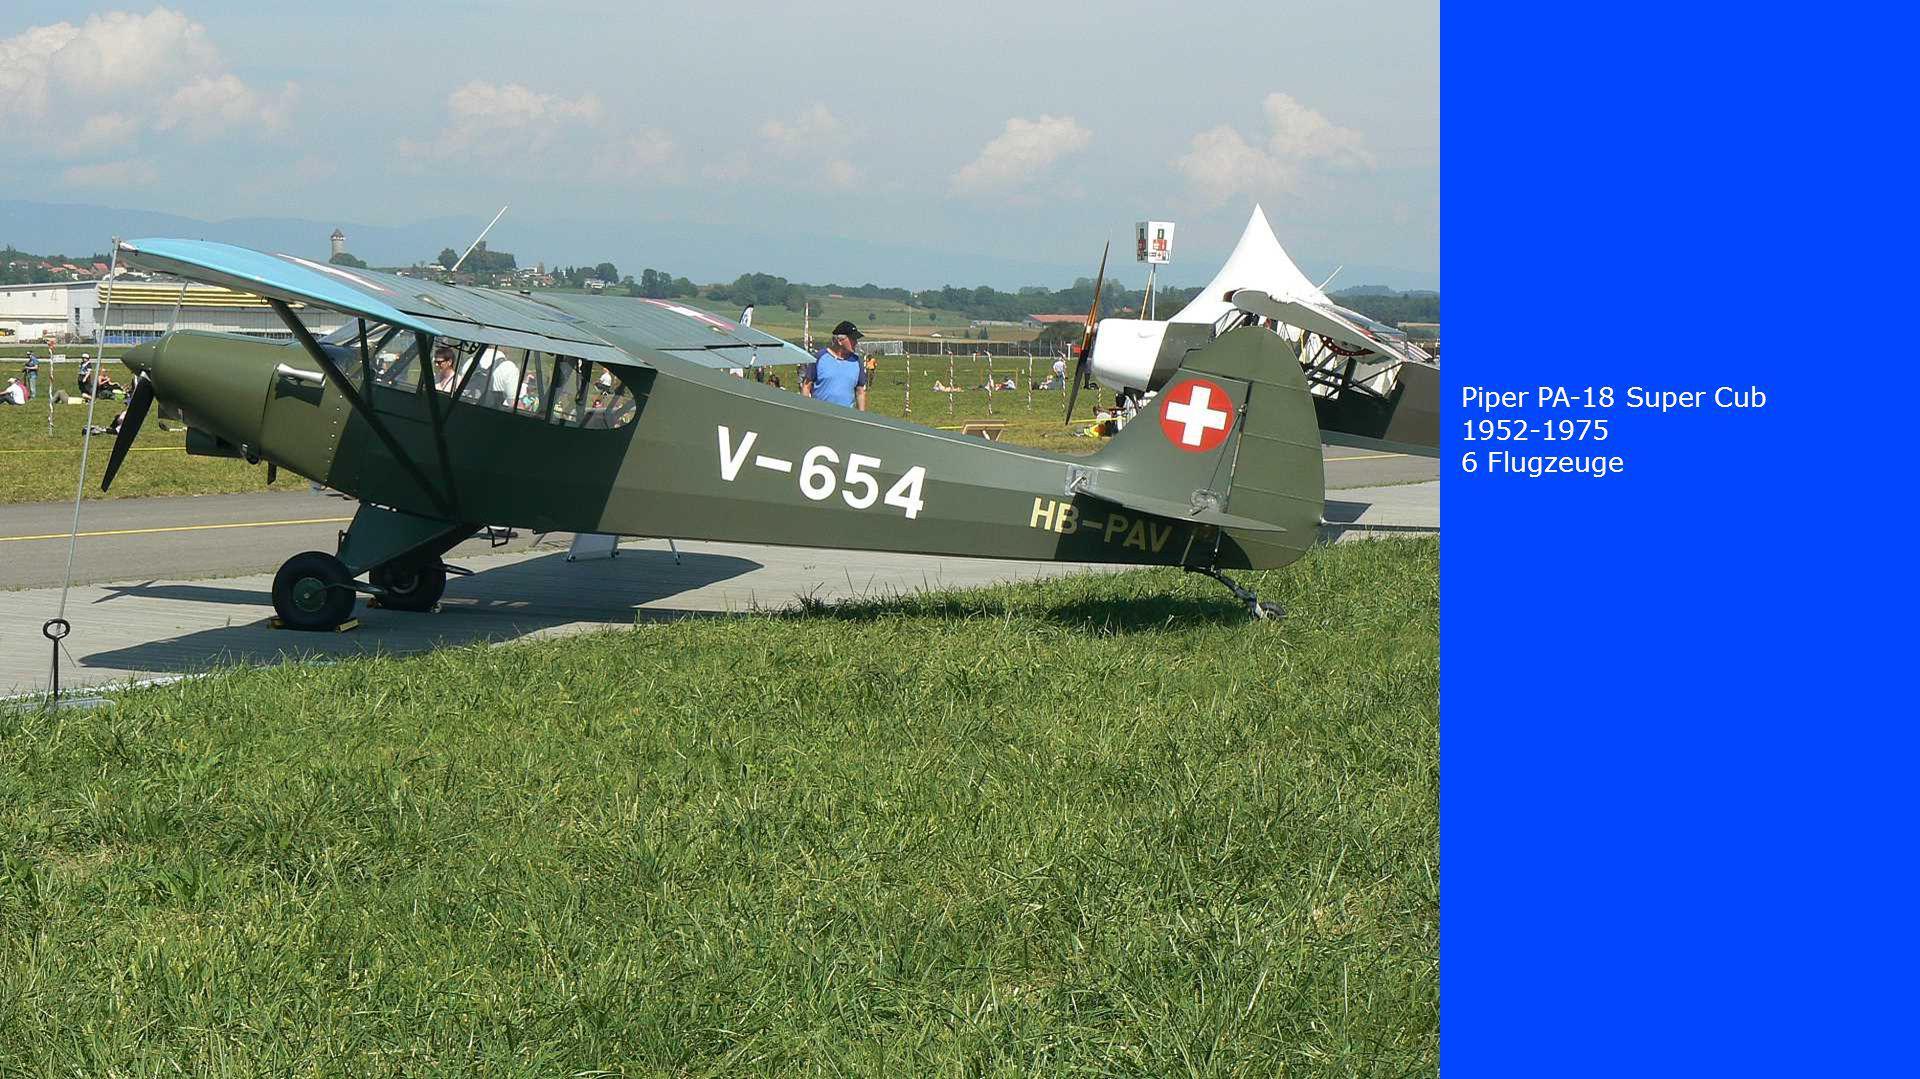 Piper PA-18 Super Cub 1952-1975 6 Flugzeuge